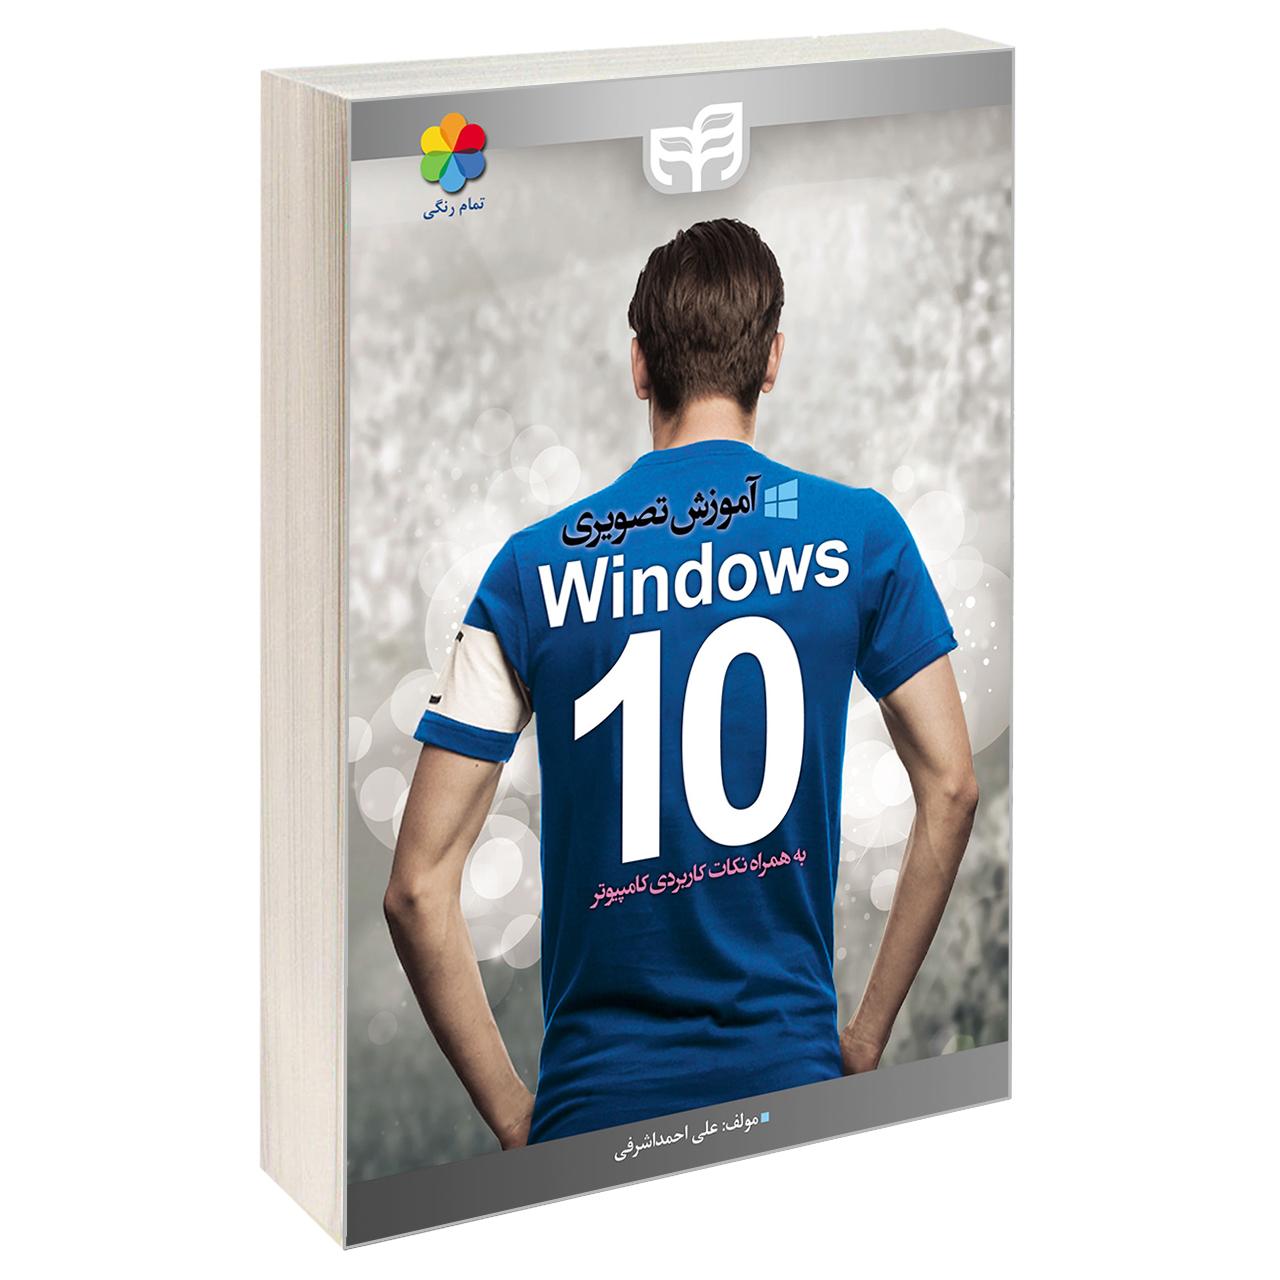 خرید                      کتاب آموزش تصویری Windows 10 به همراه نکات کاربردی کامپیوتر اثر علی احمد اشرفی انتشارات دانشگاهی کیان